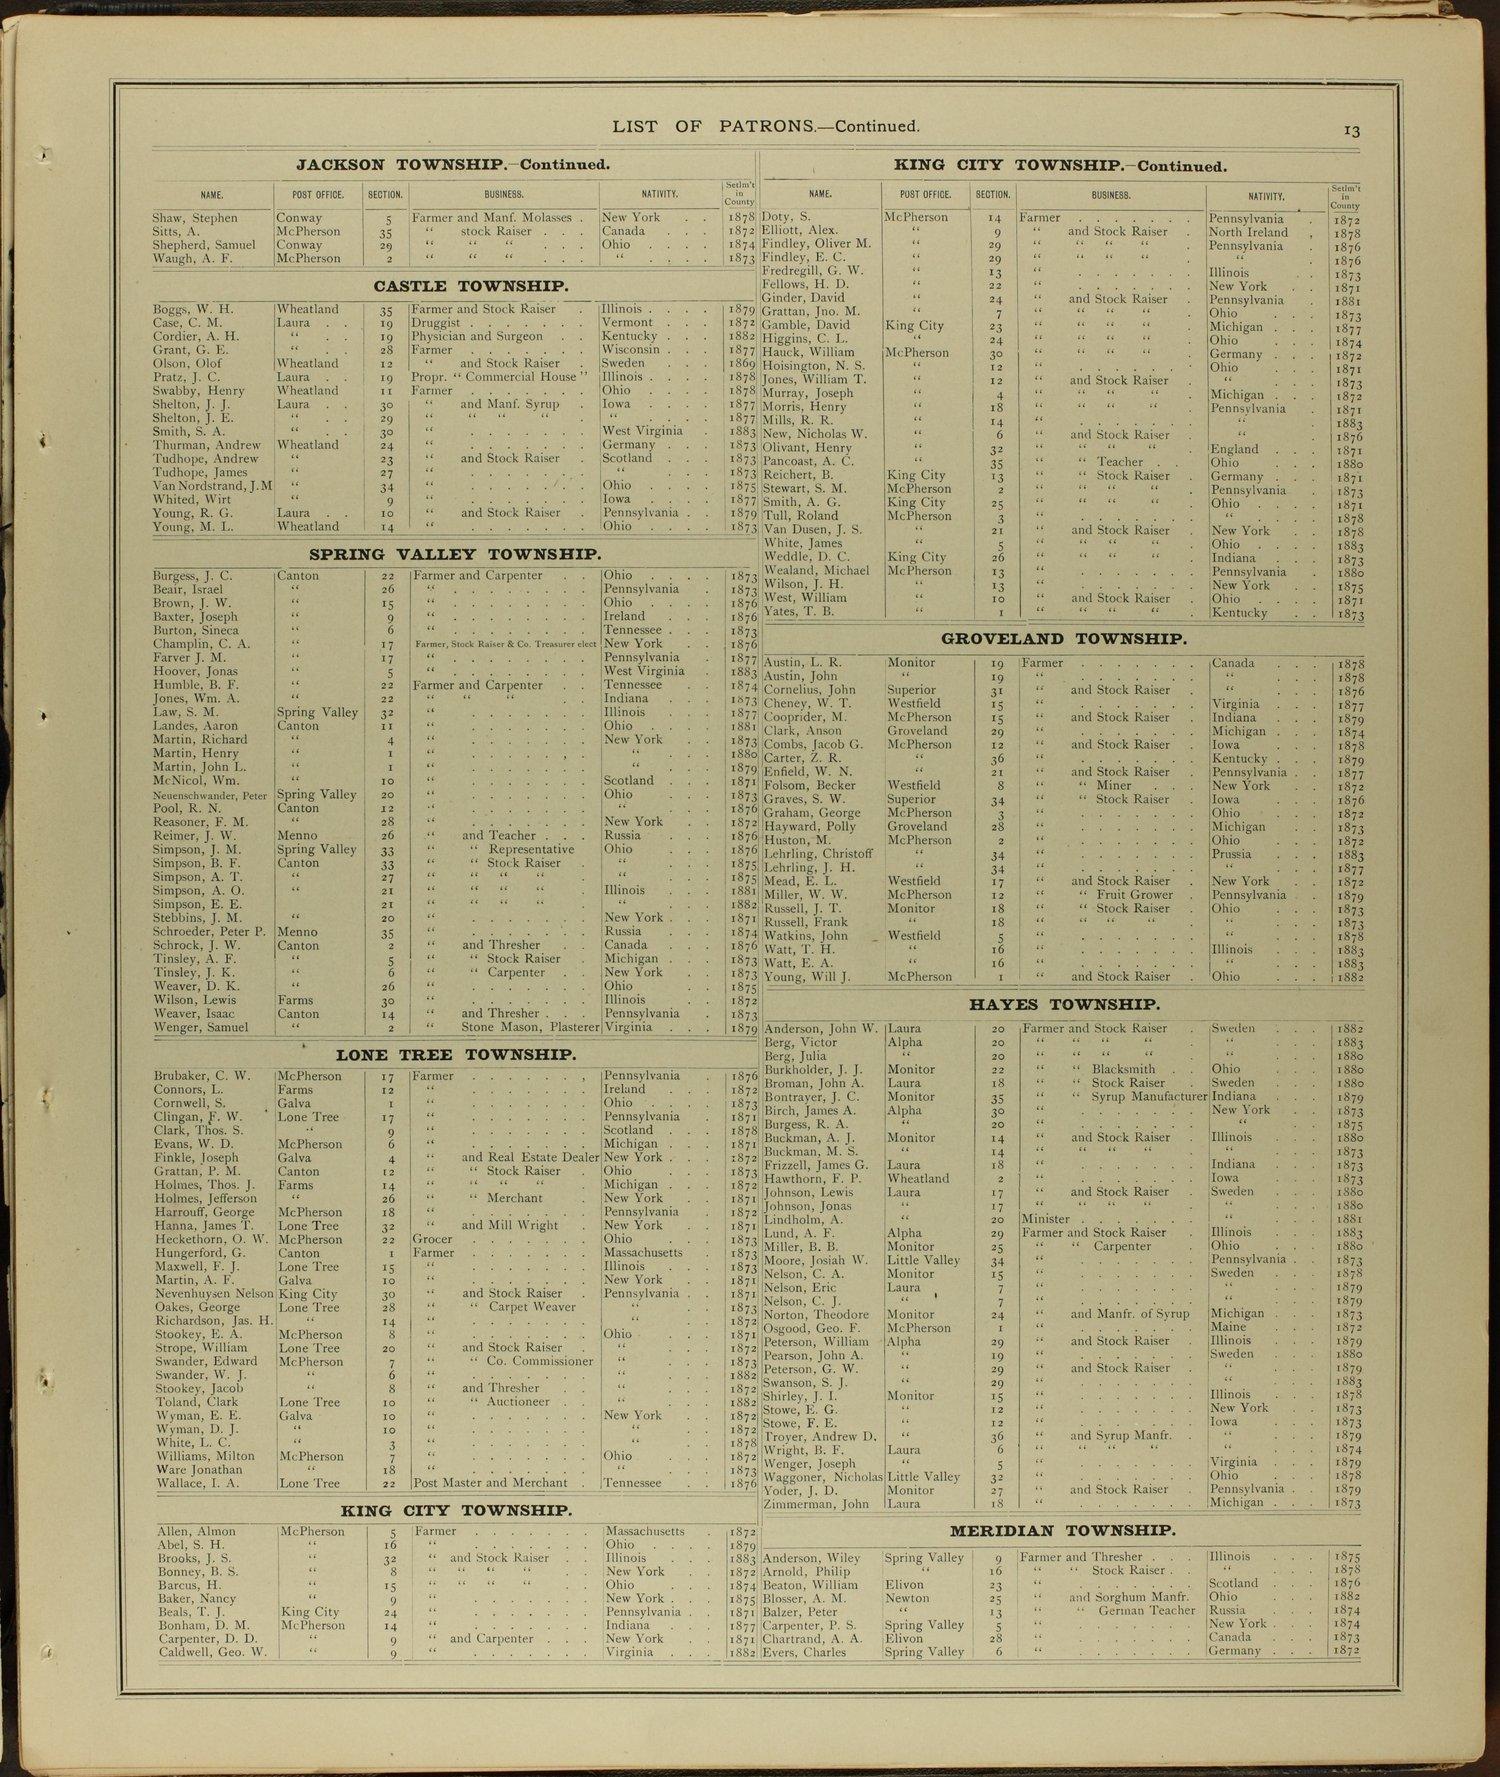 Edwards' atlas of McPherson County, Kansas - 13